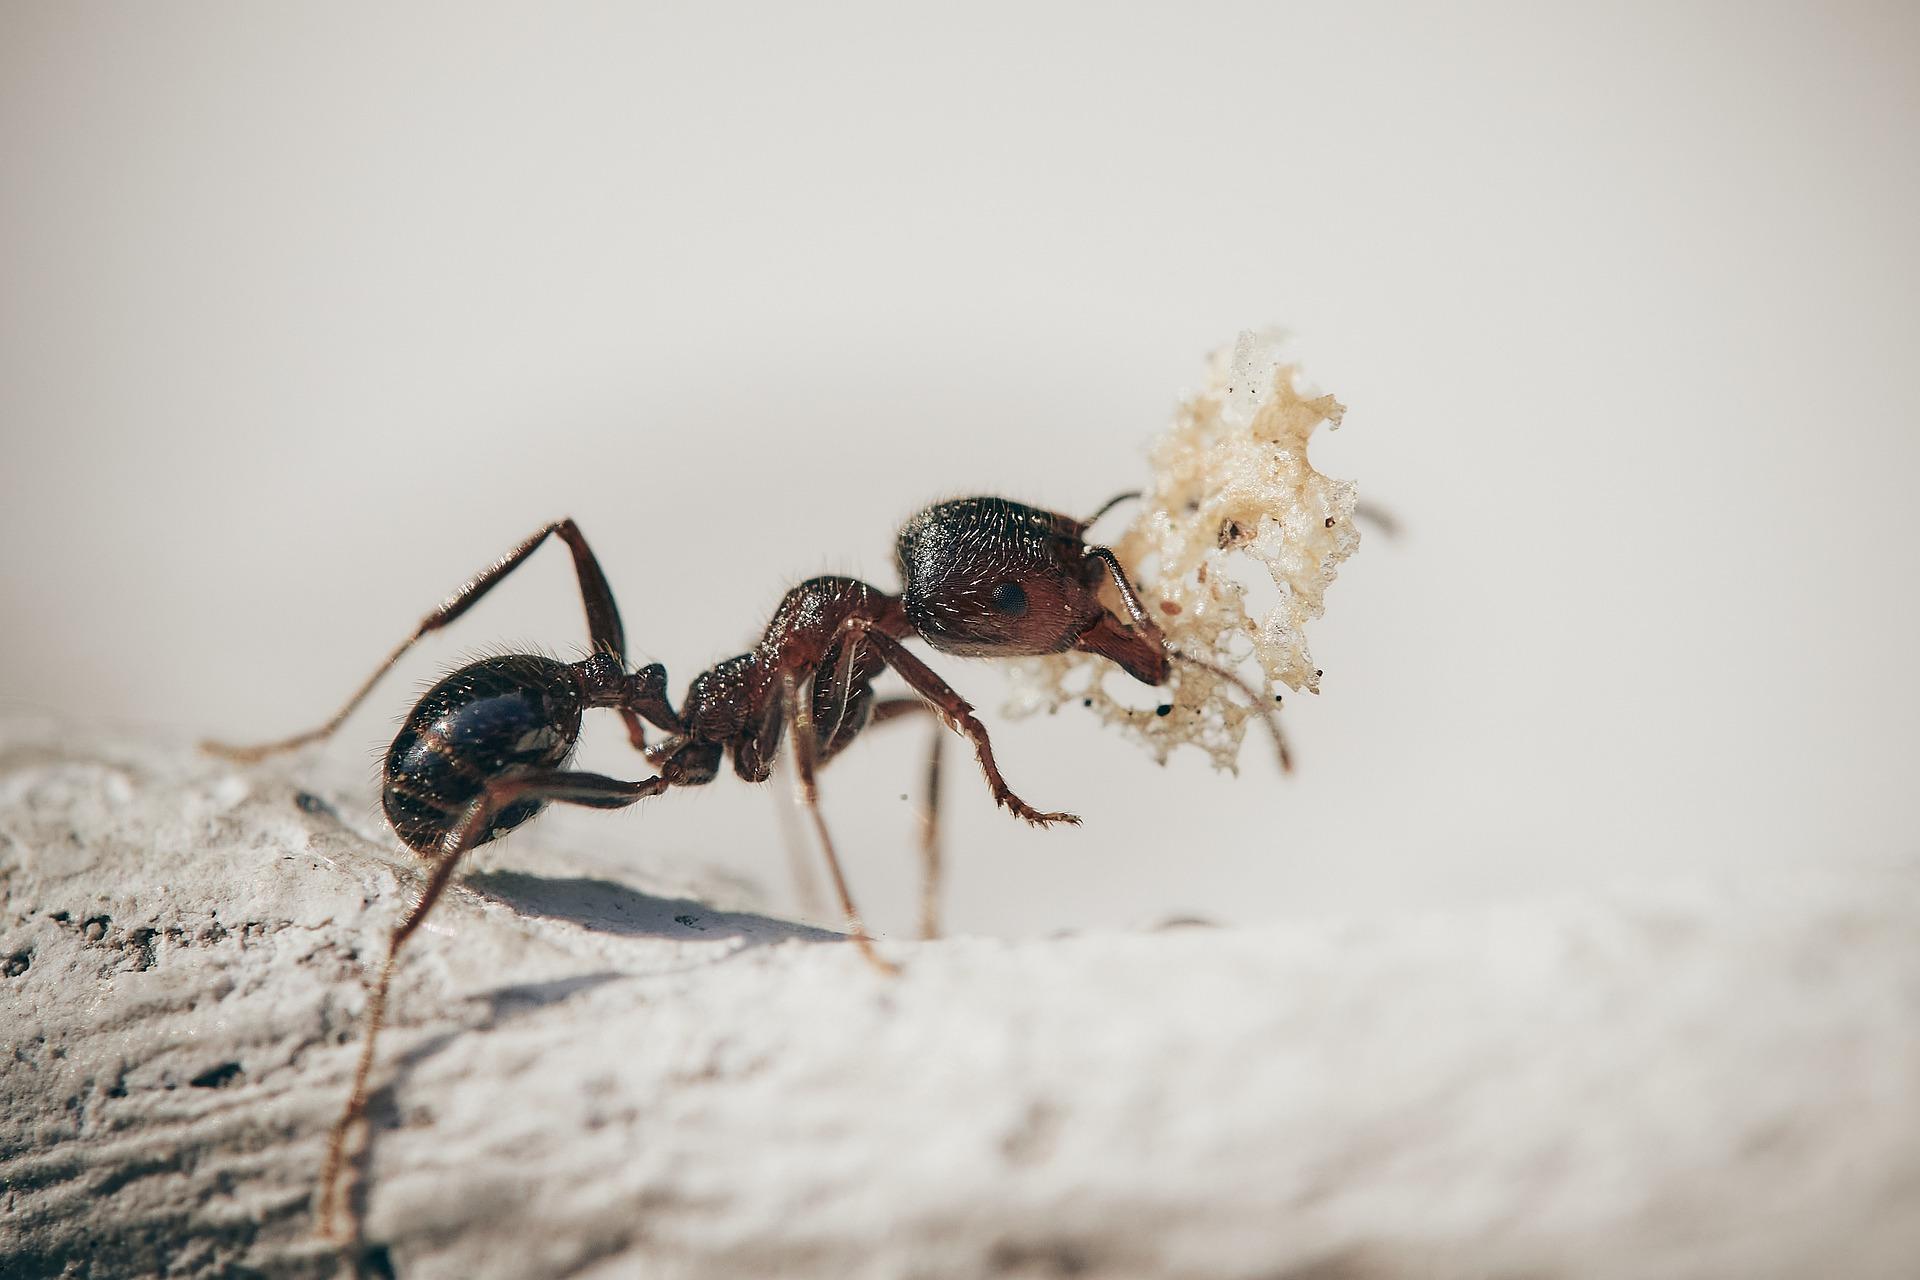 2 ants-5061910_1920 (1)